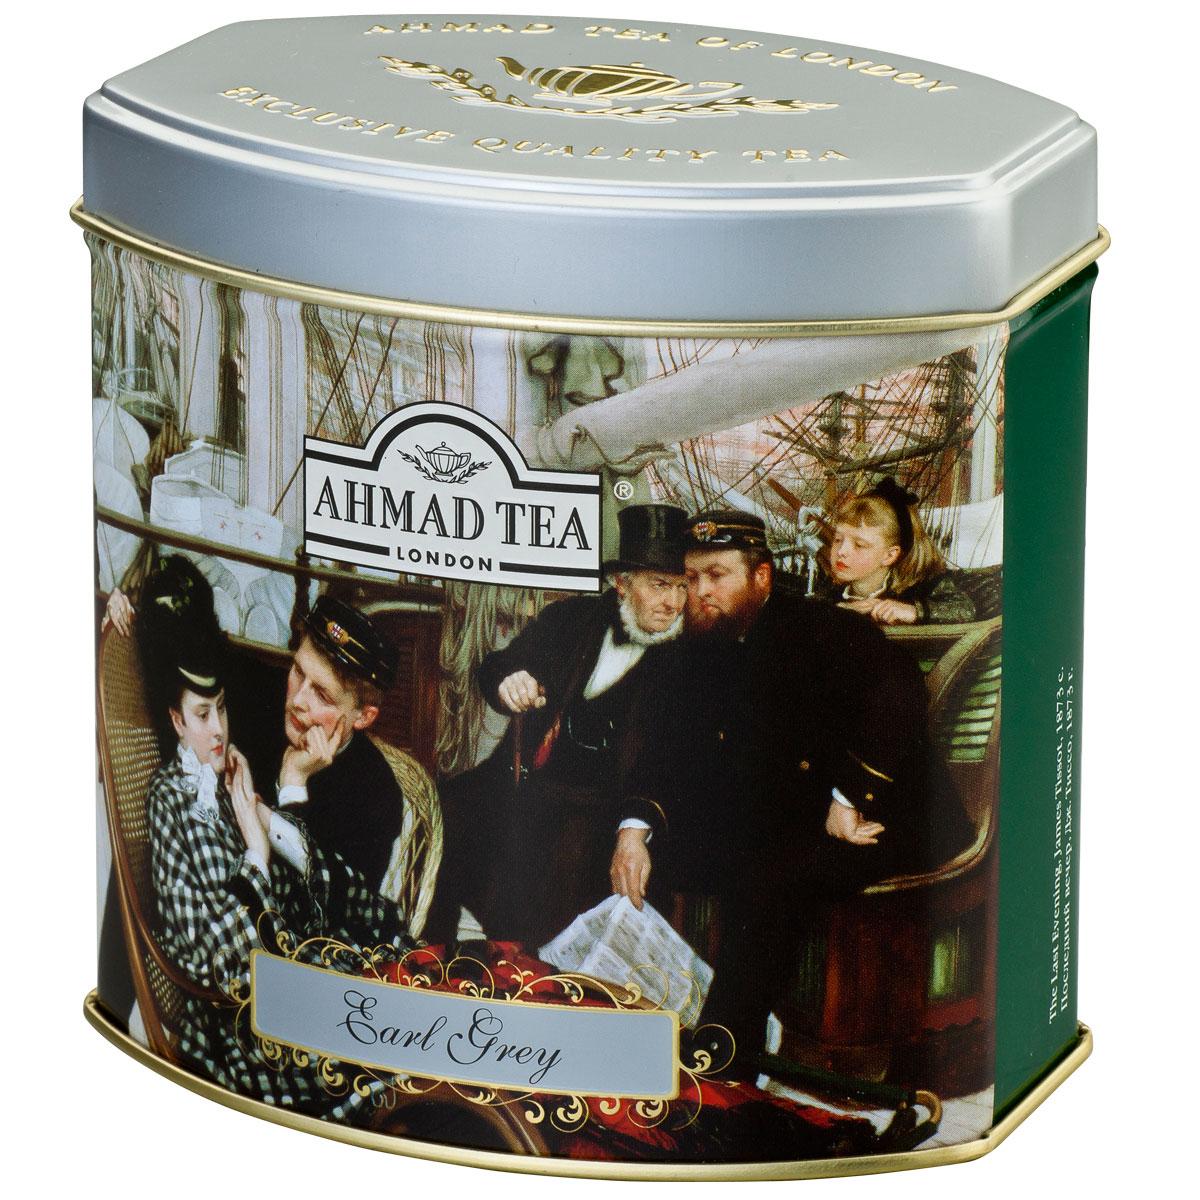 Ahmad Tea Earl Grey черный чай, 100 г (жестяная банка) чай черный ahmad tea earl grey пакетированный